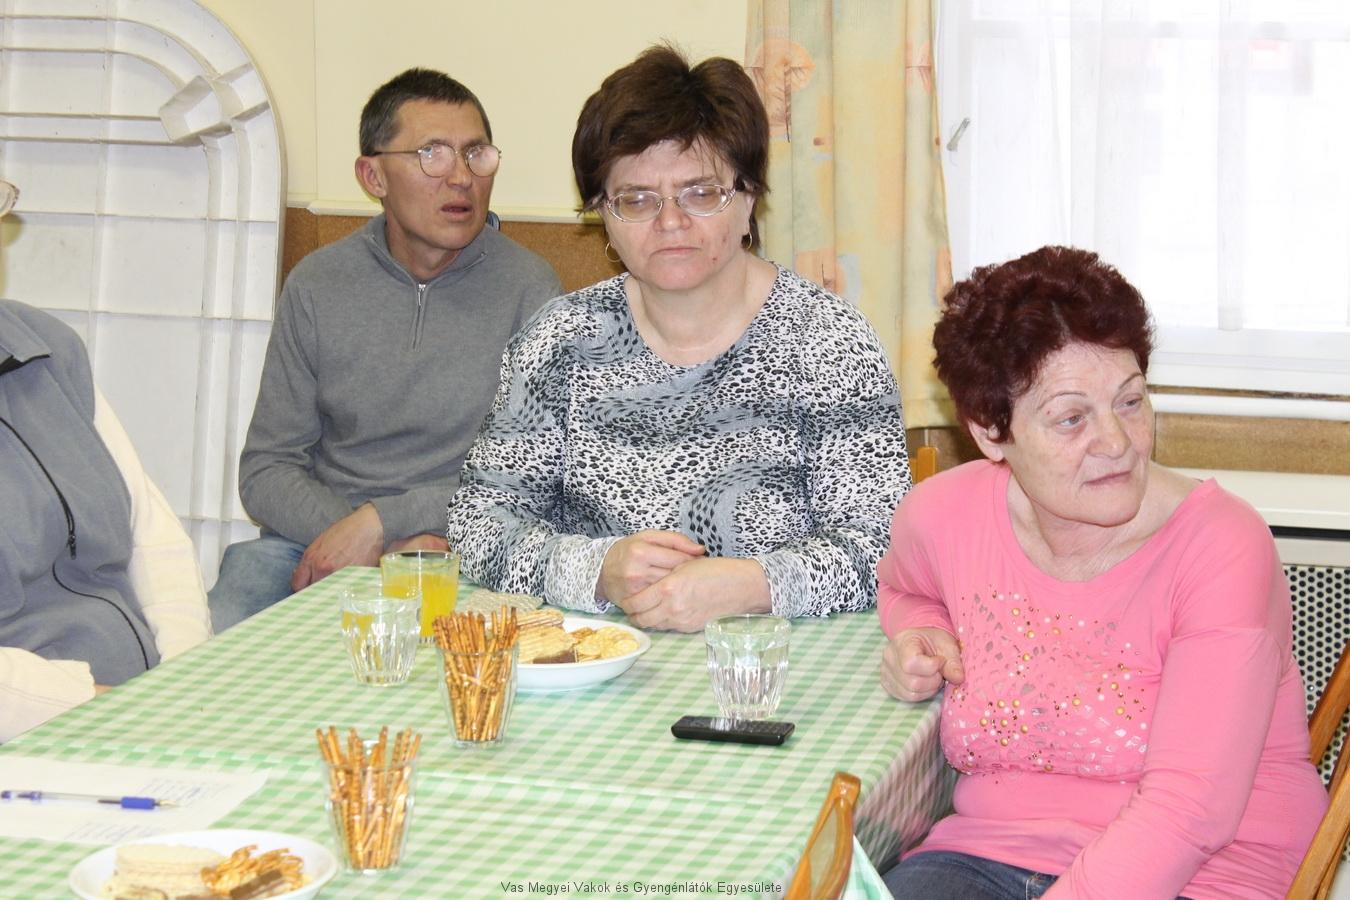 Vörös Lajos hölgytagjaink társaságában.